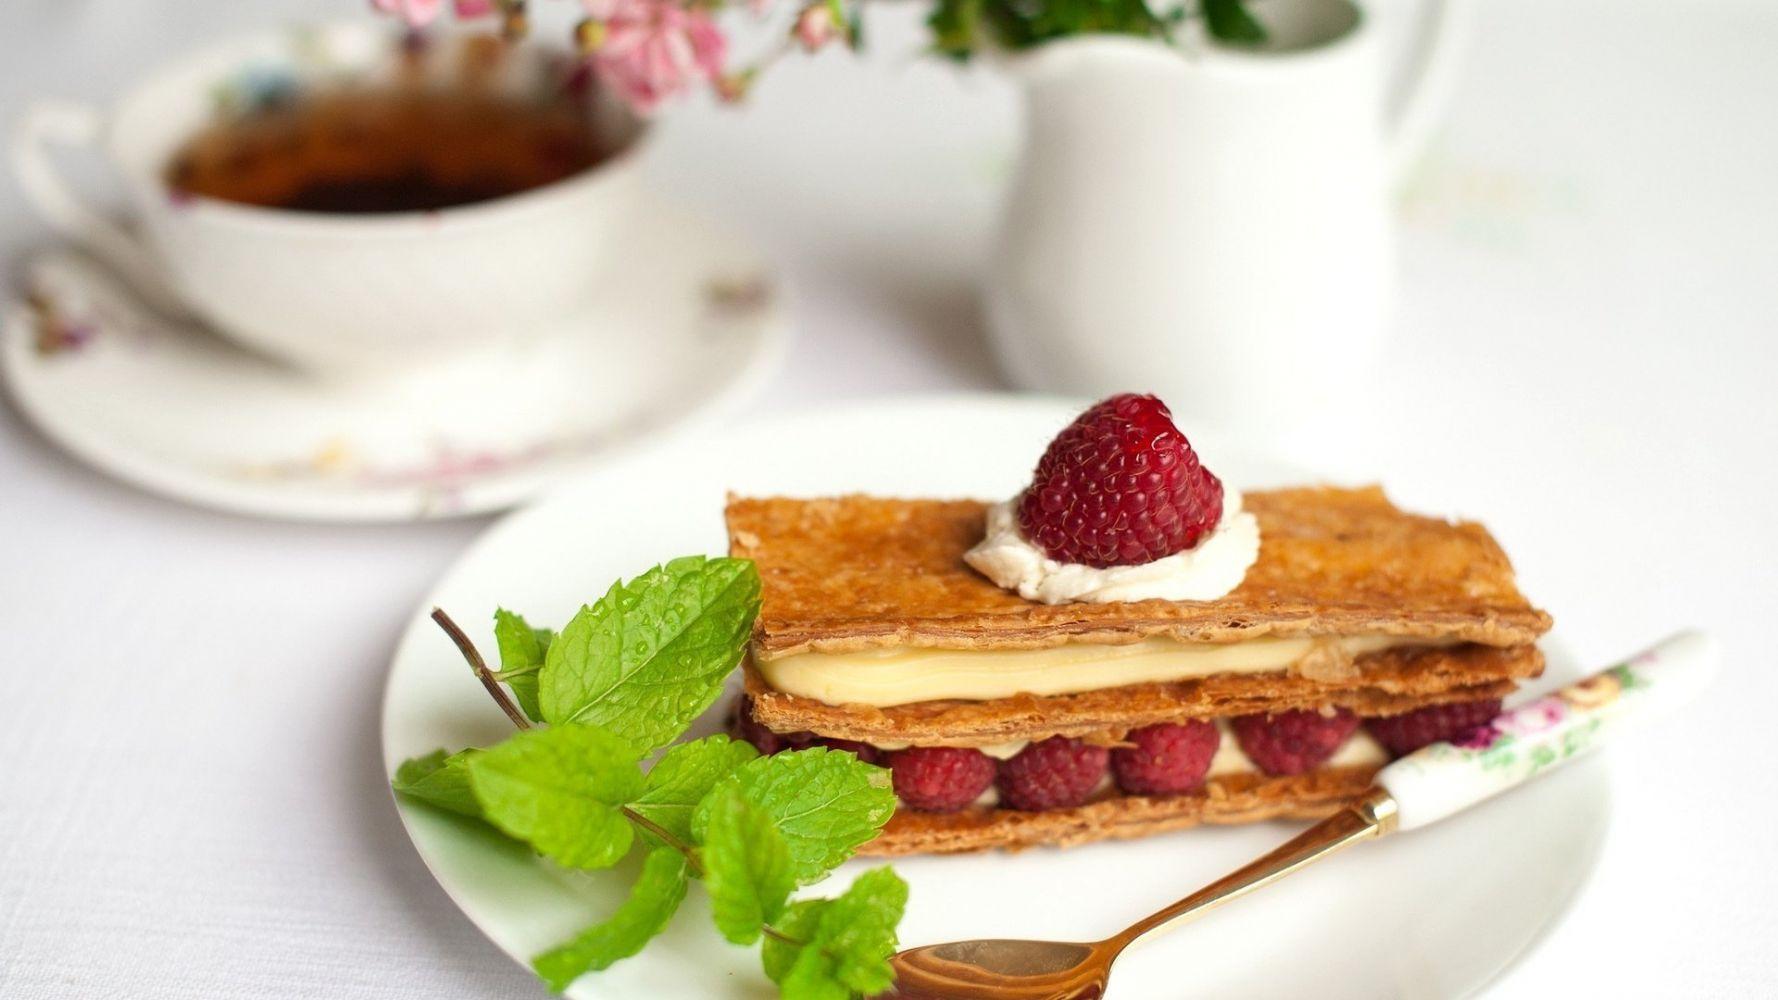 картинка чашка чая и десерт свой почтенный